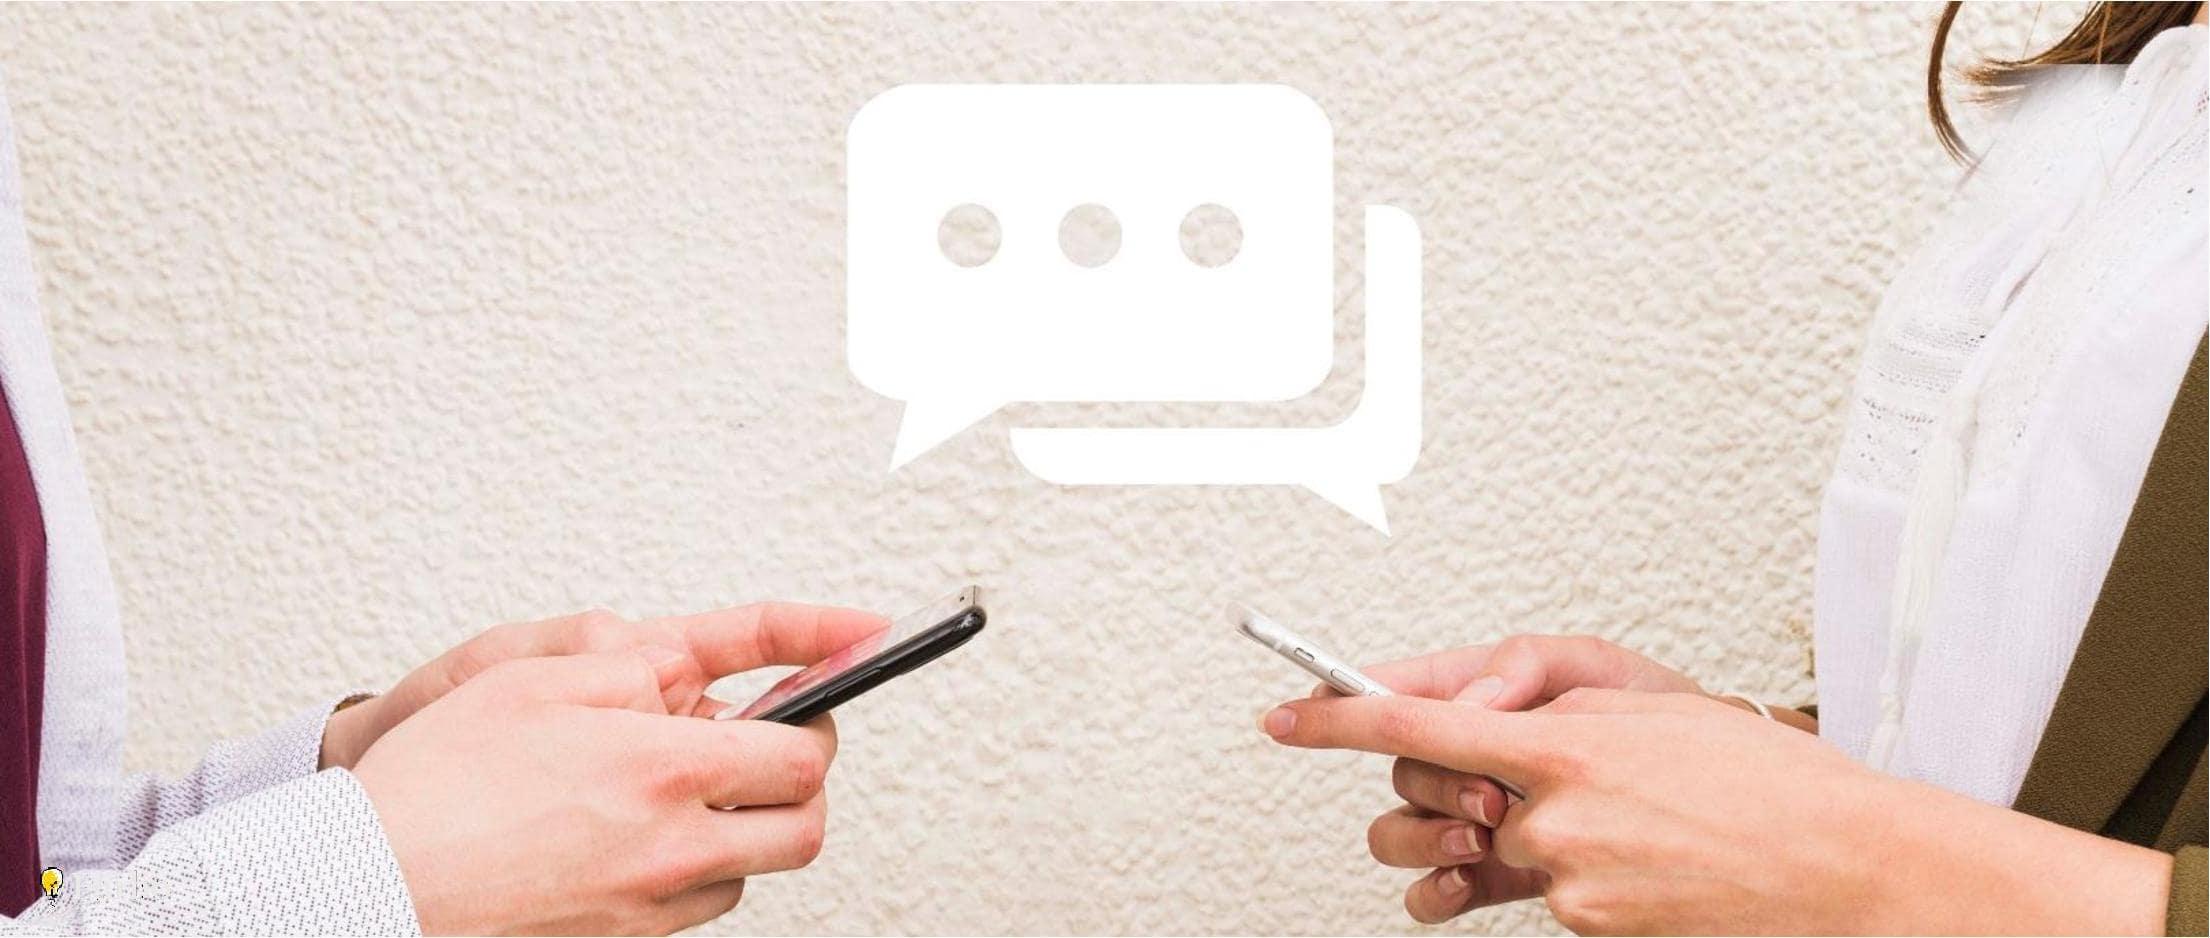 همهچیز در مورد بازاریابی پیامکی و انواع روشهای آن